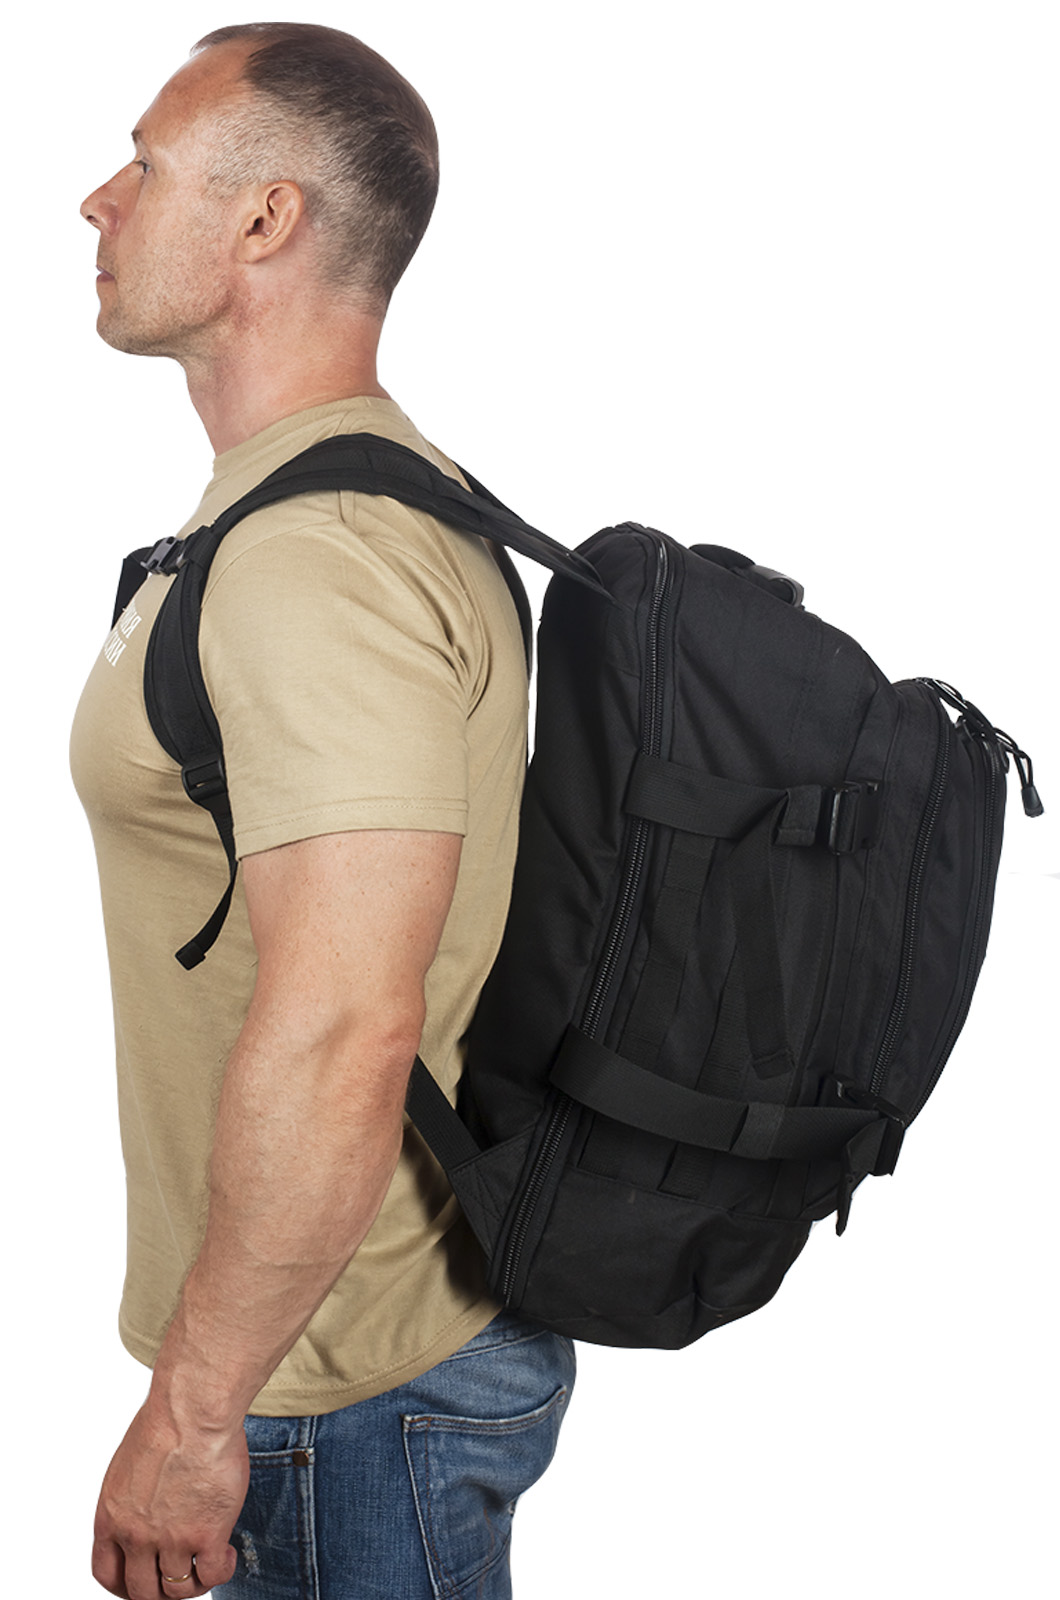 Универсальный охотничий рюкзак с нашивкой Ни Пуха ни Пера - купить в розницу